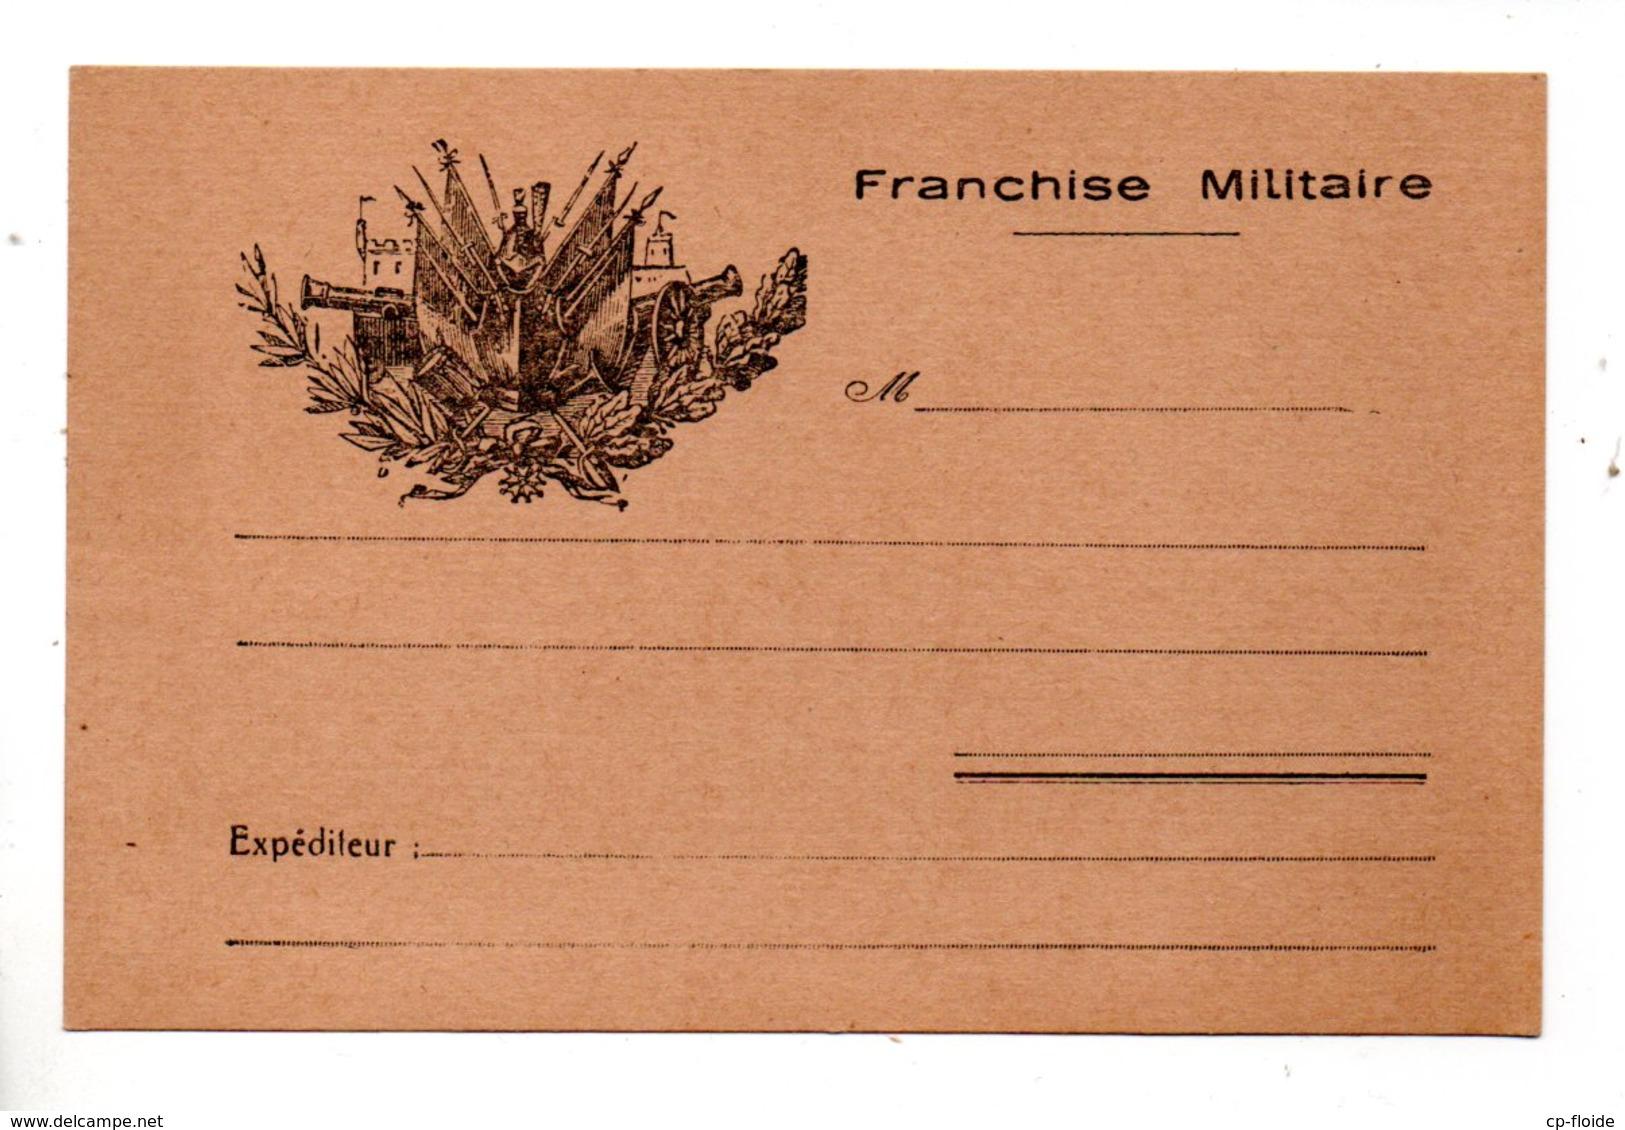 ENTIER POSTAL . CARTE POSTALE . F. M. . FRANCHISE MILITAIRE - Réf. N°798T - - Marcofilie (Brieven)